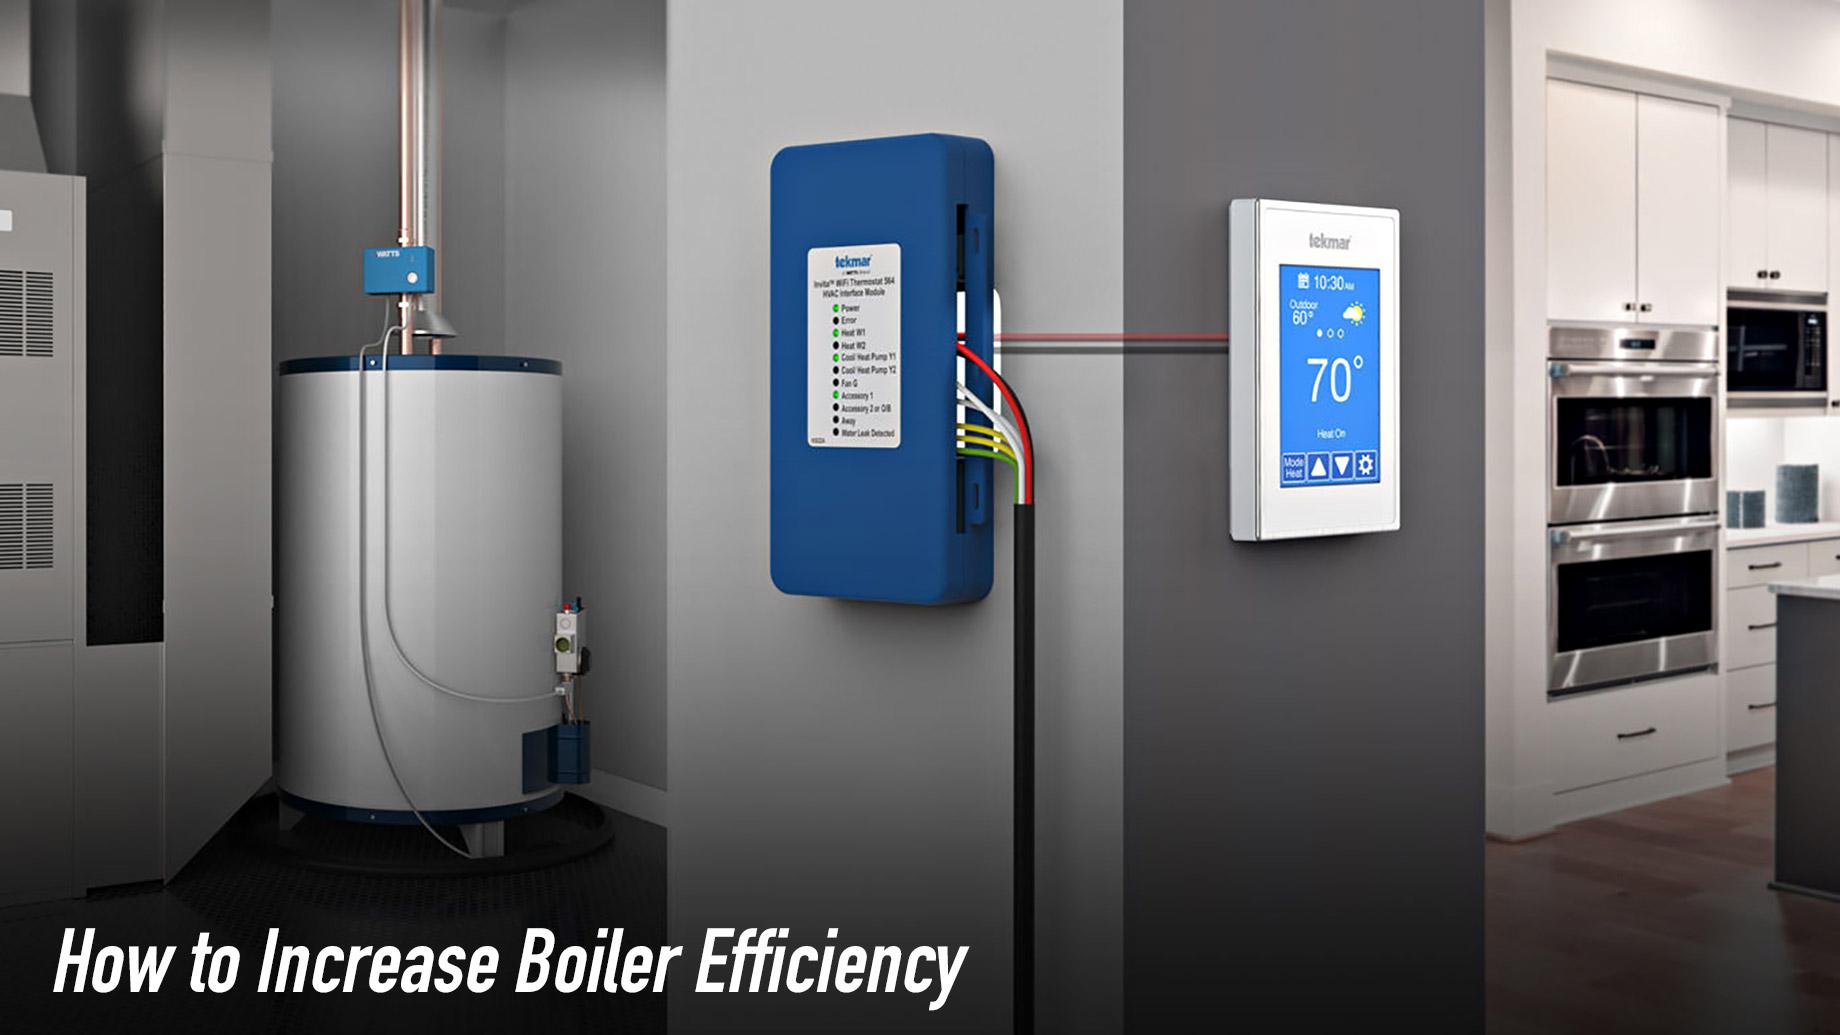 How to Increase Boiler Efficiency